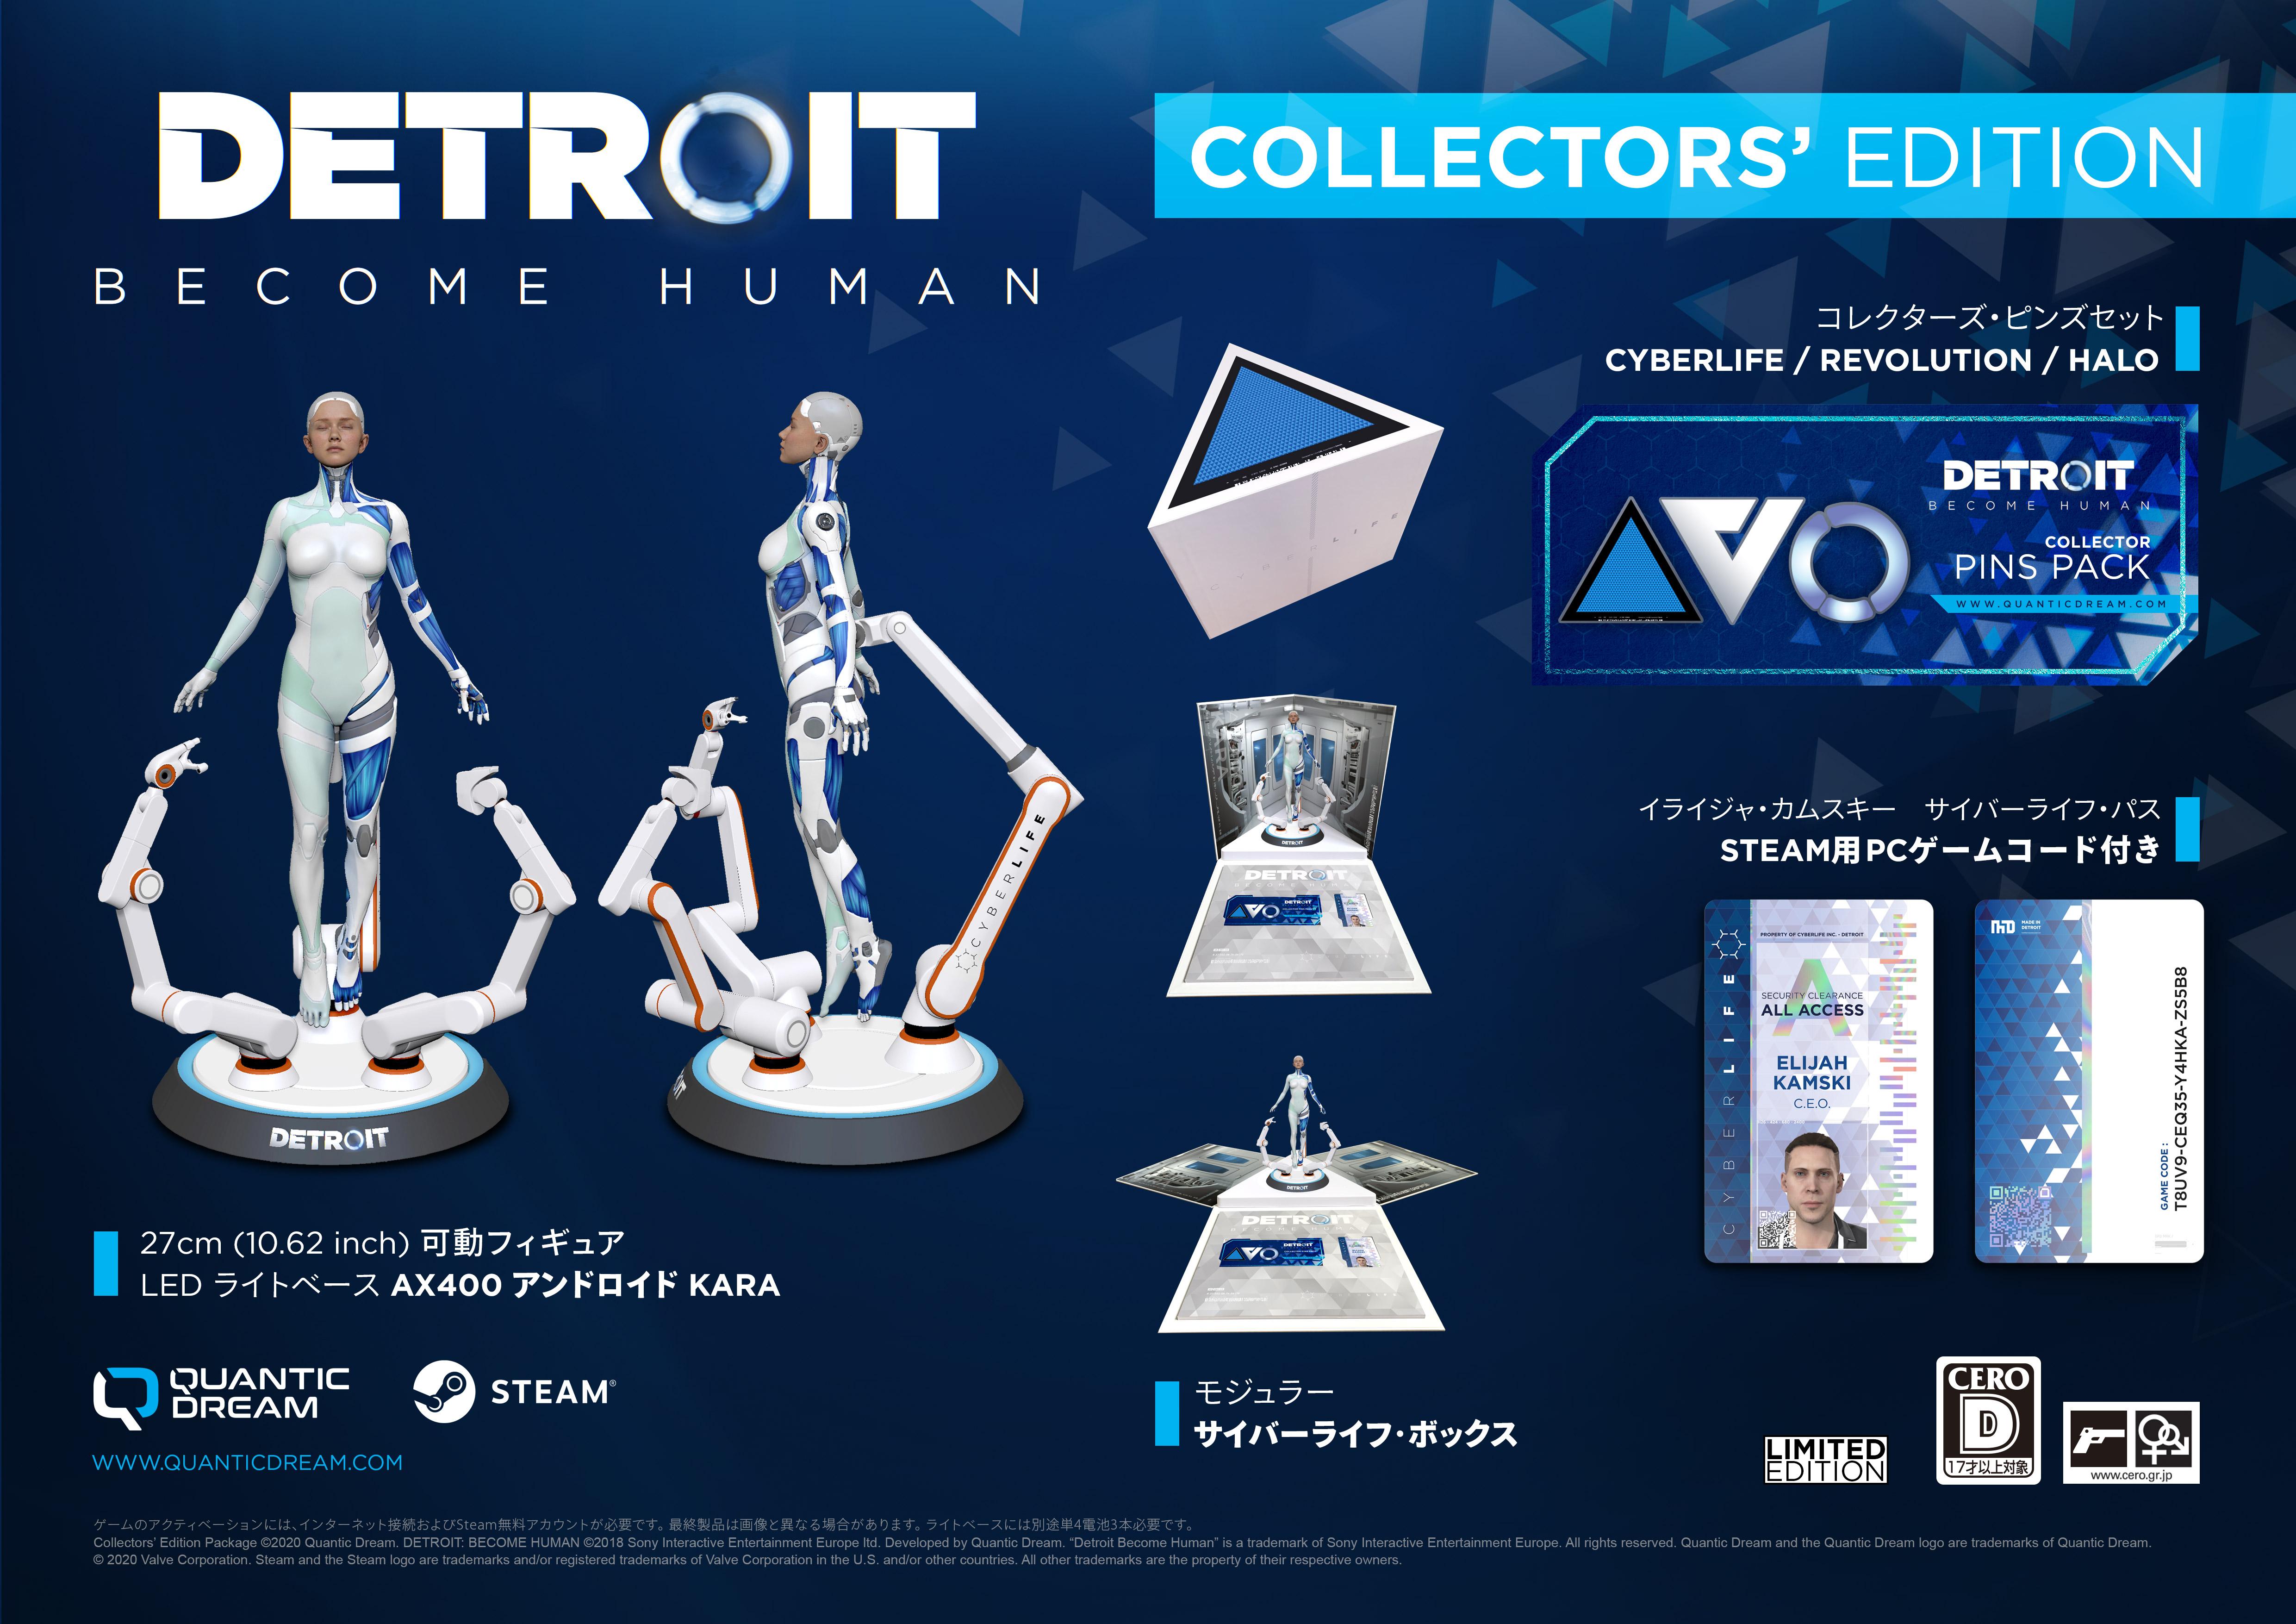 Detroit Become Human Steam用コレクターズエディションが日本のamazon限定で予約受付開始 Game Watch